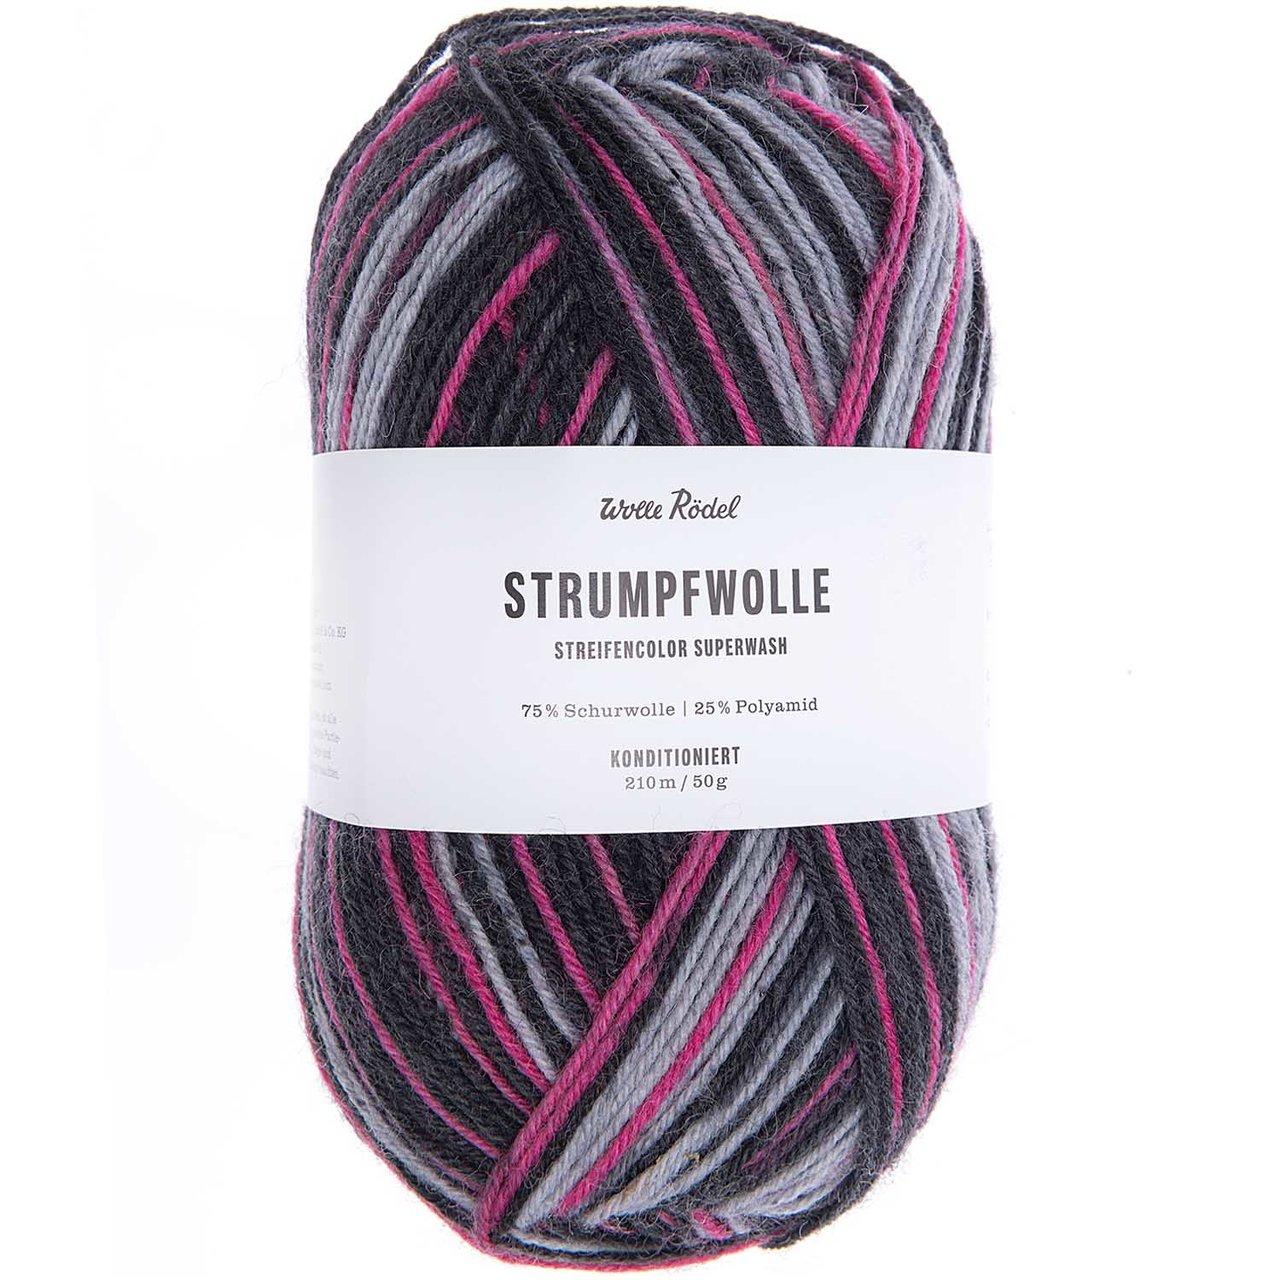 Wolle Rödel Strumpfwolle Streifencolor 50g 210m